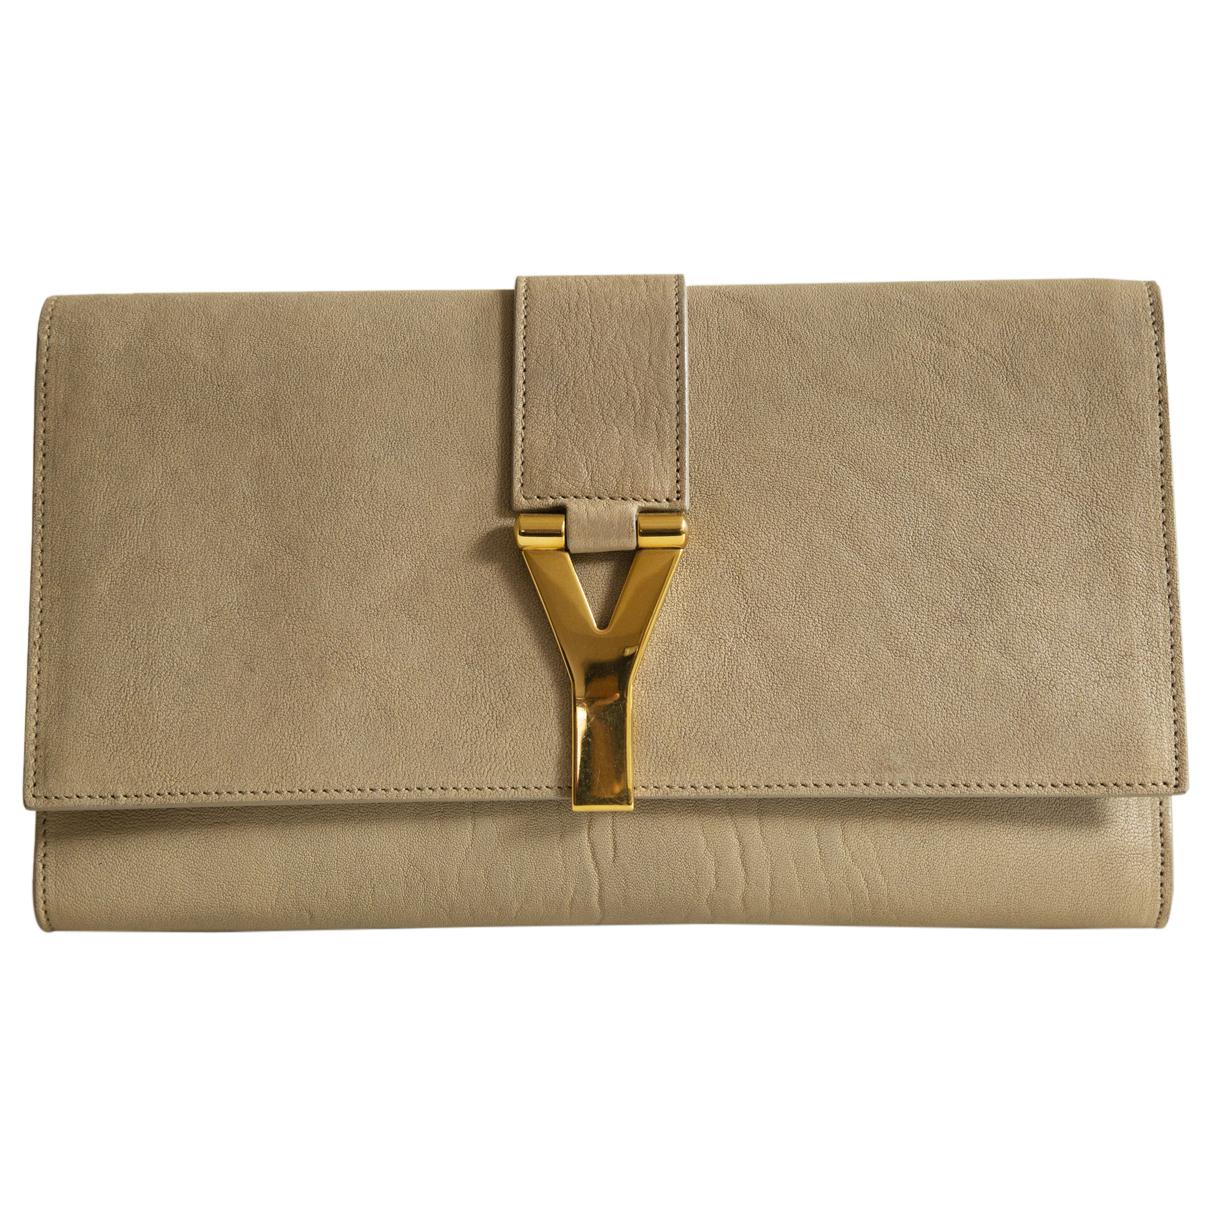 Yves Saint Laurent - Pochette   pour femme en cuir - beige